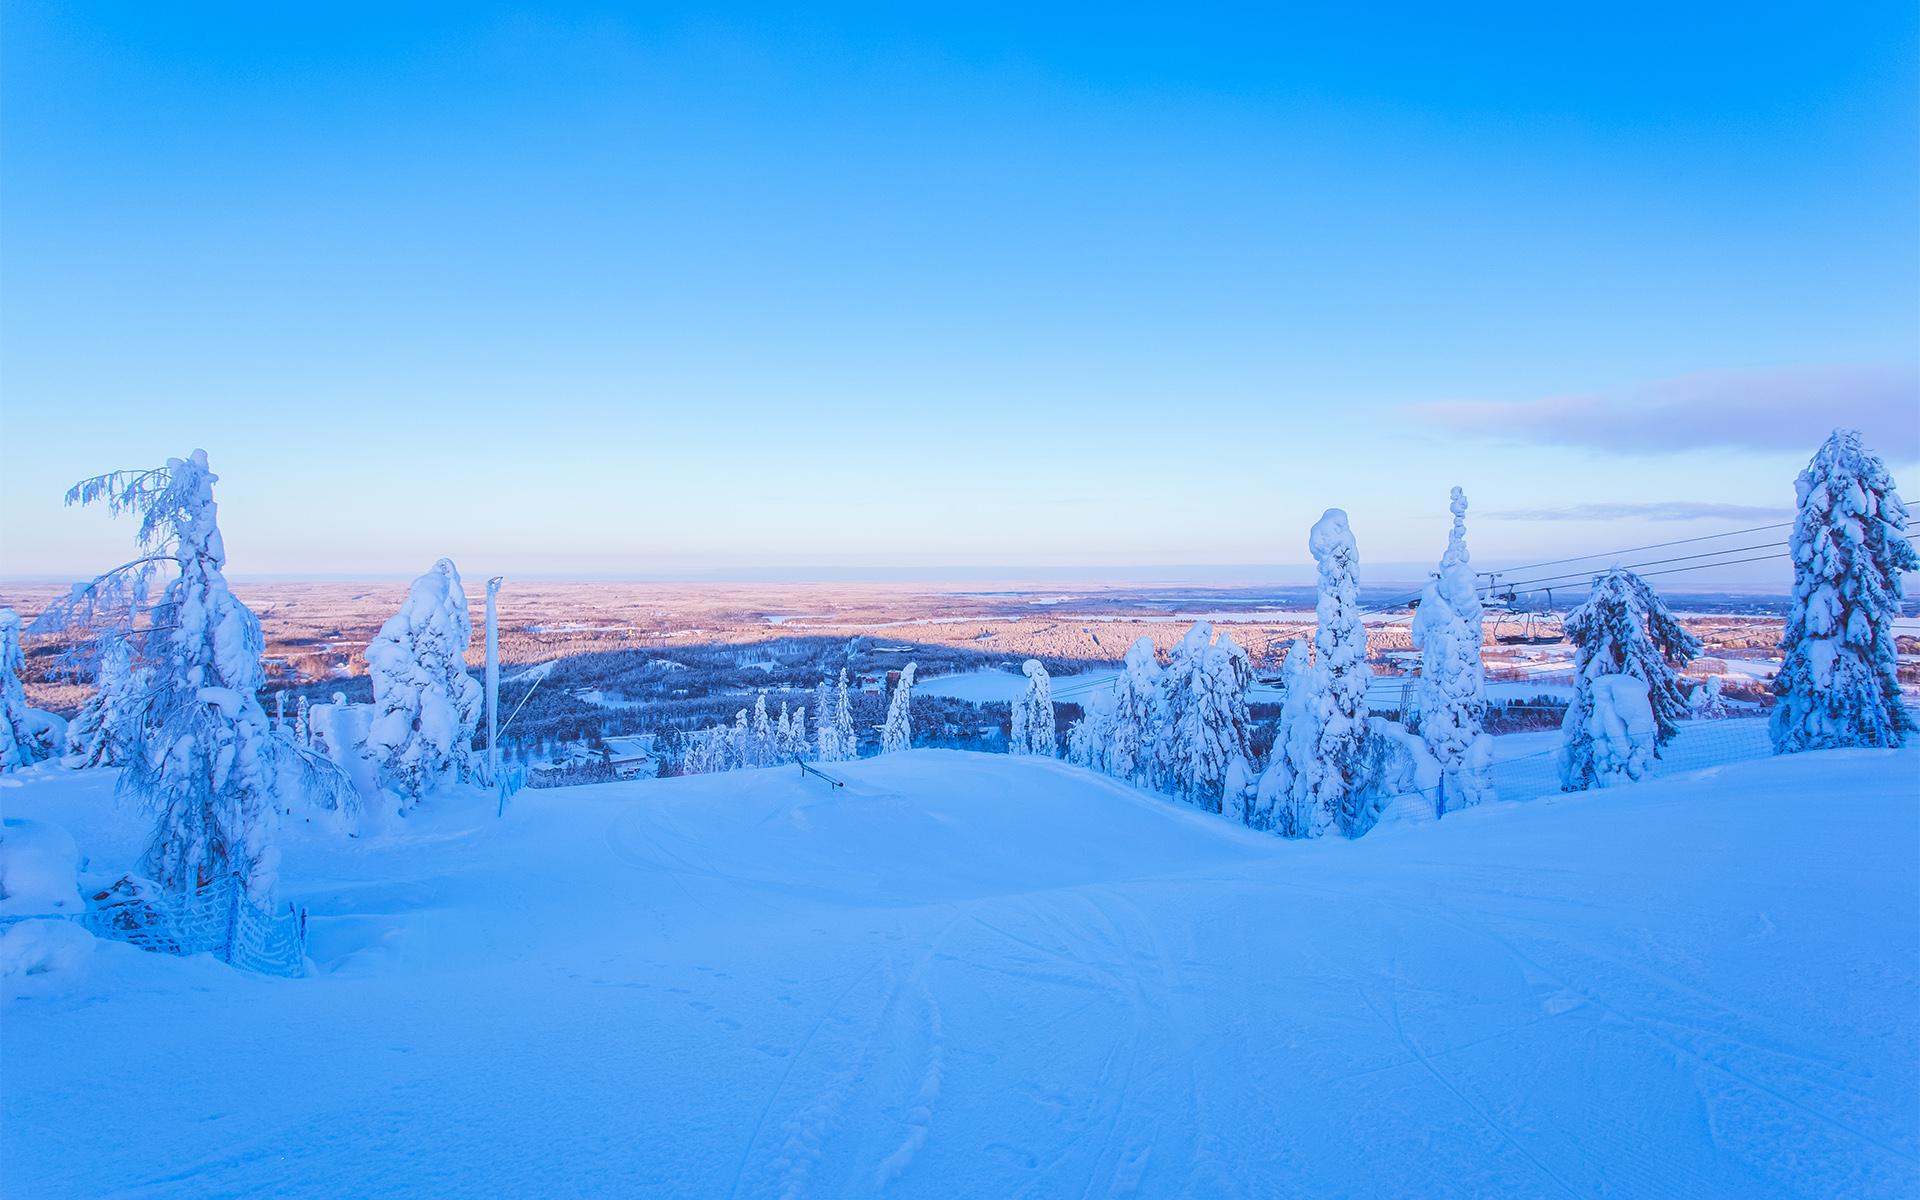 neige-et-froid-a-la-montagne